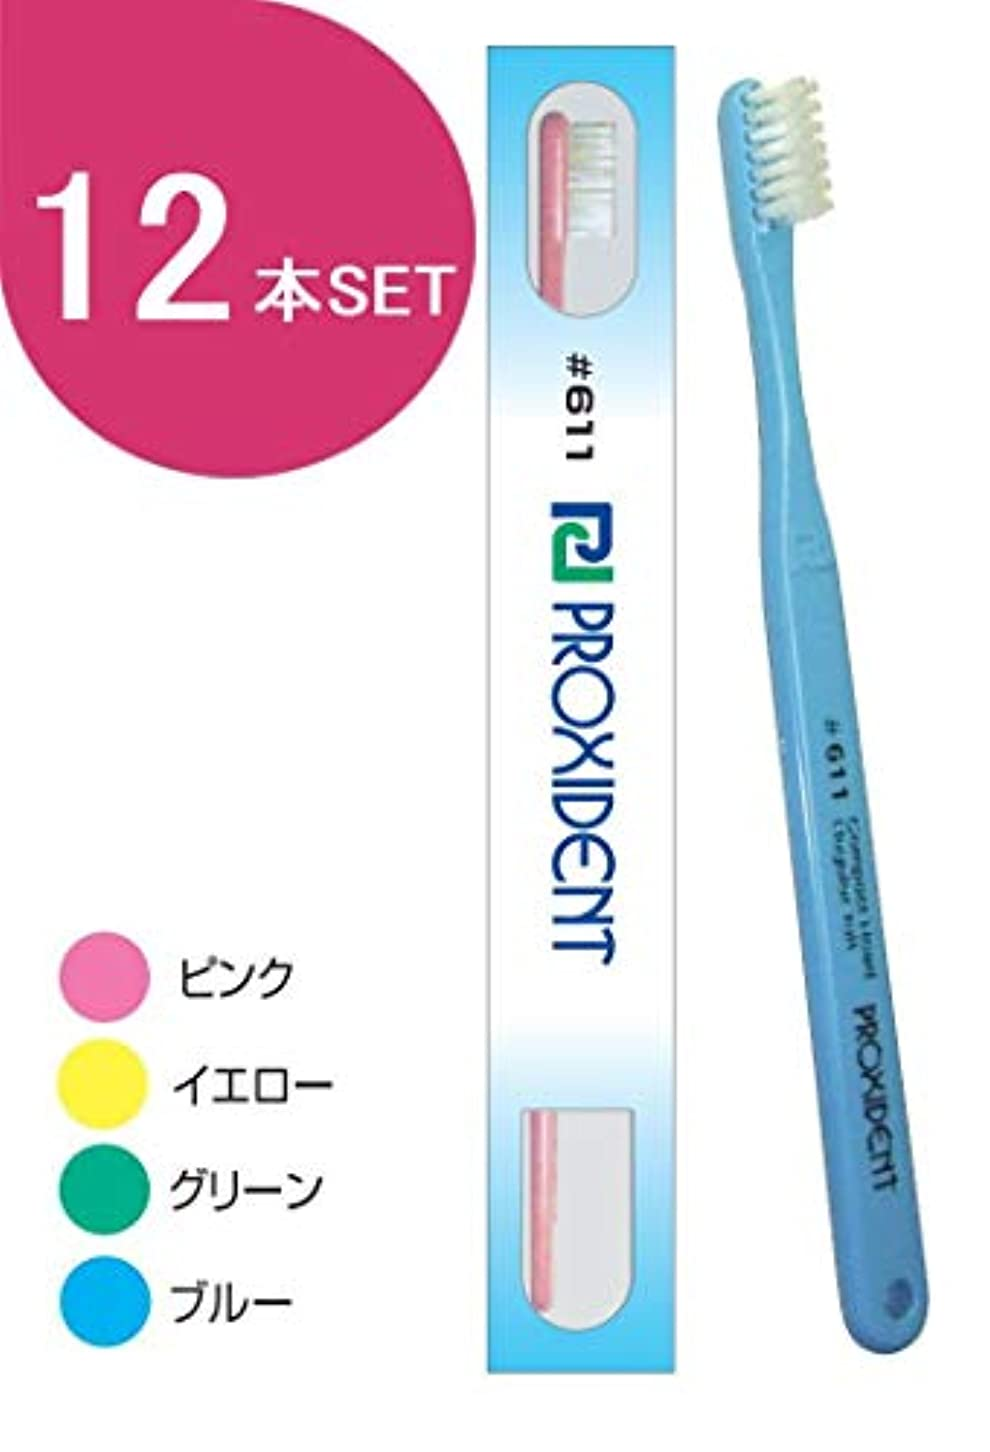 防水健全アカウントプローデント プロキシデント コンパクト レギュラータフト 歯ブラシ #611 (12本)